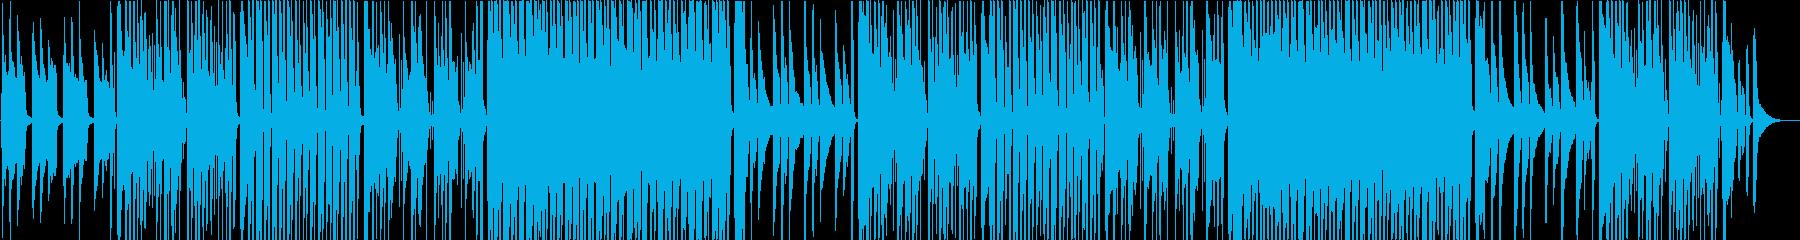 洋風民謡、おだやか/カラオケの再生済みの波形